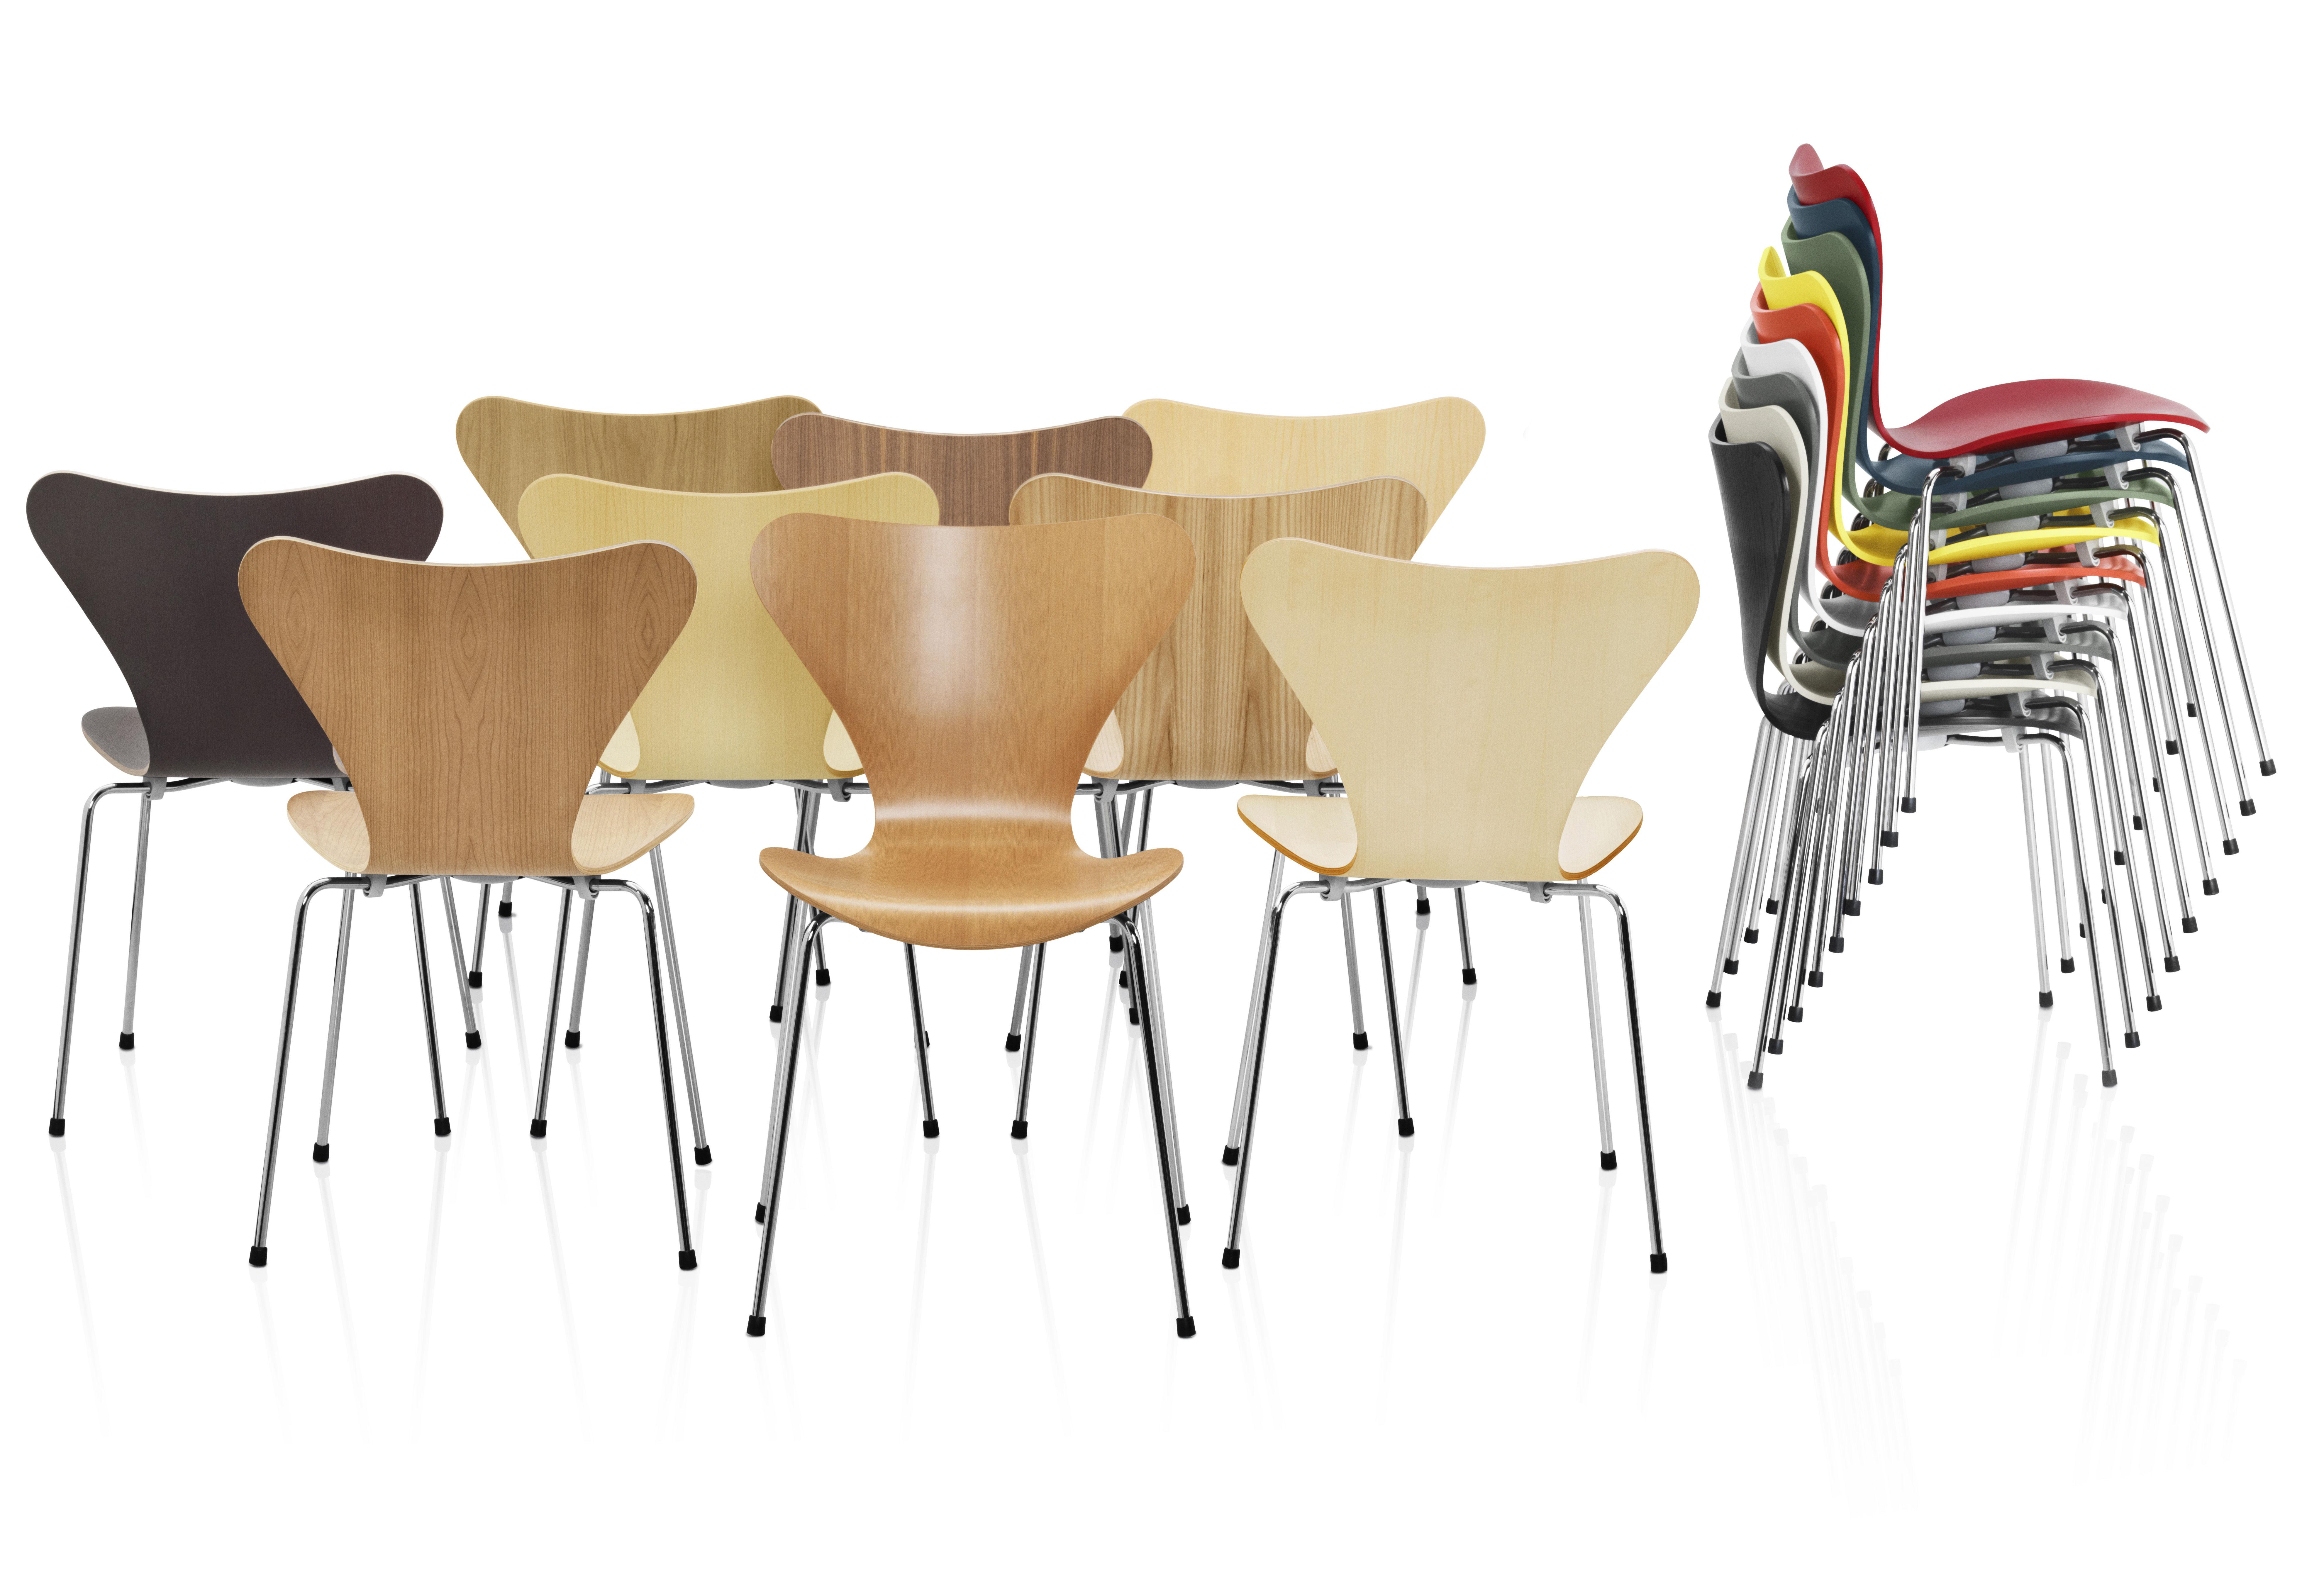 Chaise empilable série 7 / bois laqué laqué gris clair   fritz hansen